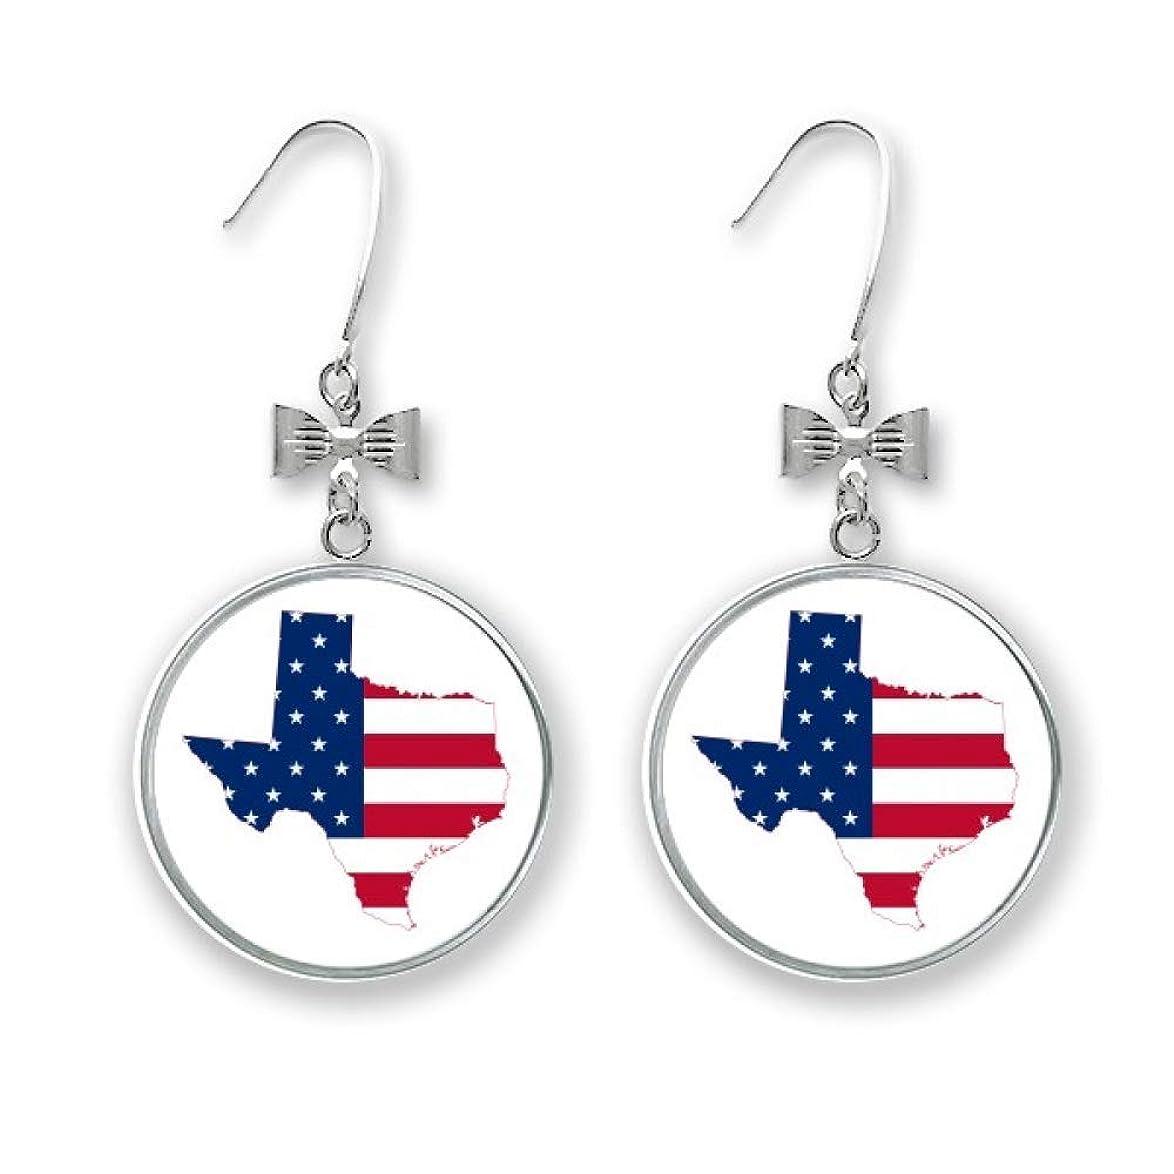 暖かくバルクロケーション米国のマップテキサス星とストライプの旗の形 ボウピアスドロップスタッドピアスフック